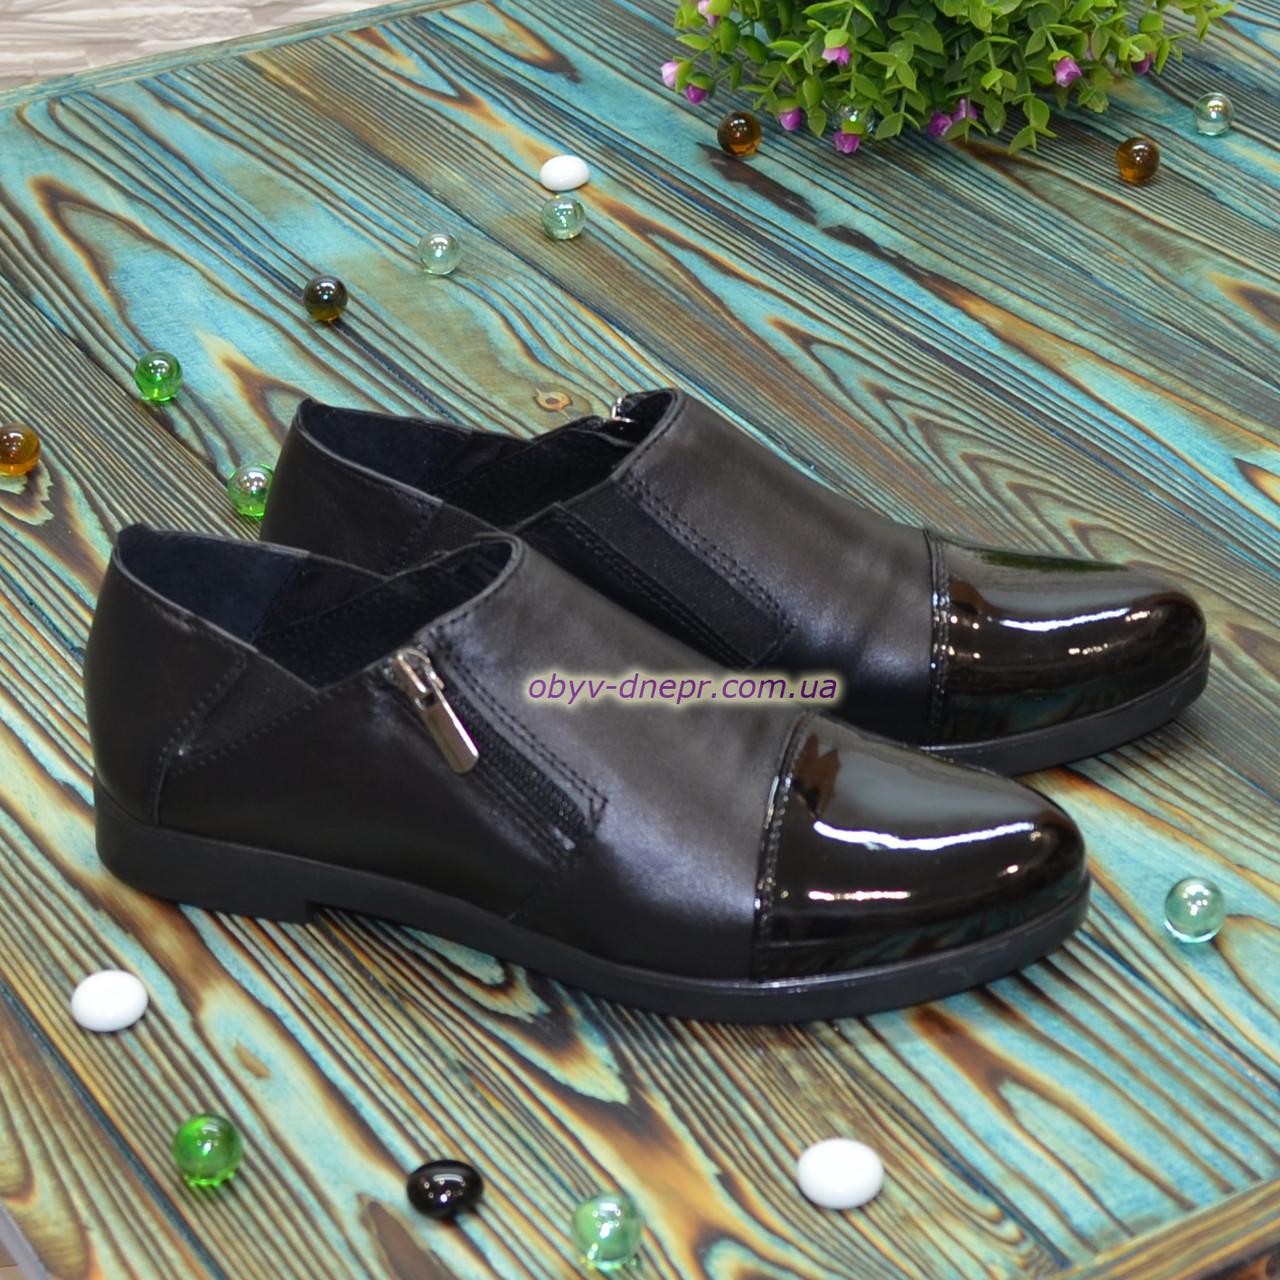 Туфлі жіночі чорні на блискавці, на низькому ходу, з натуральної шкіри, лакової шкіри